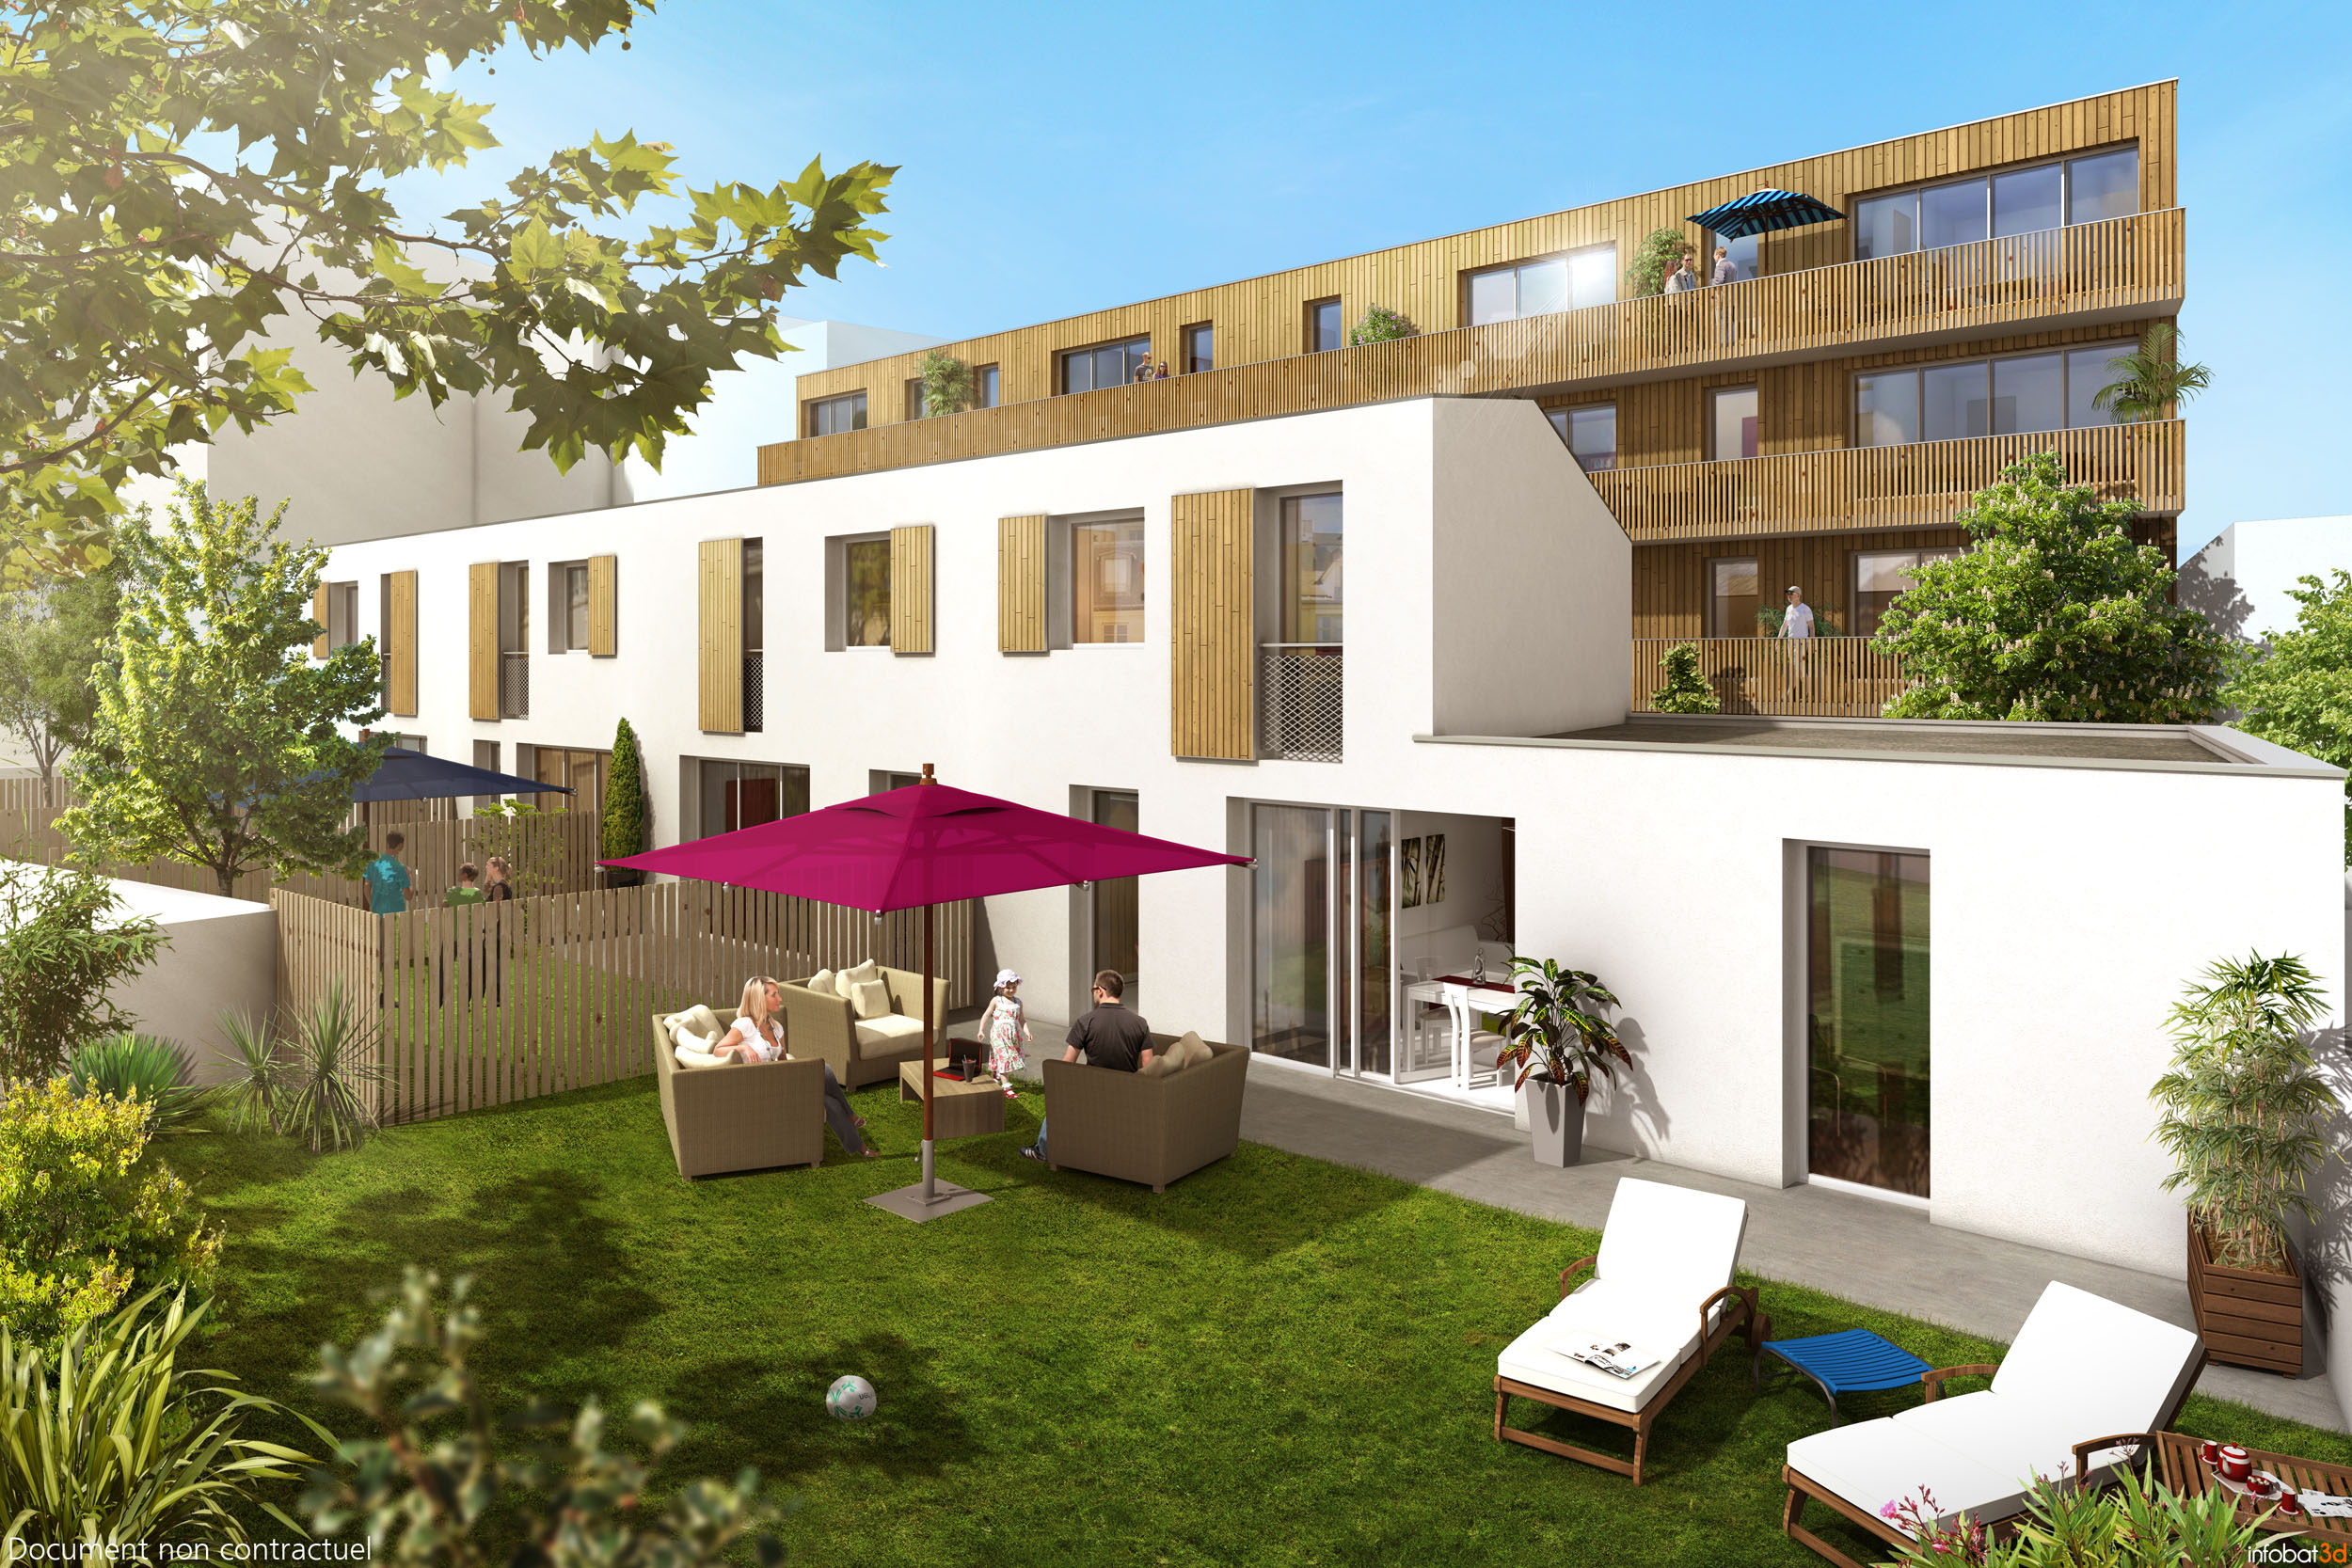 maison villa 224 vendre 224 st herblain 44800 annonces et prix de vente